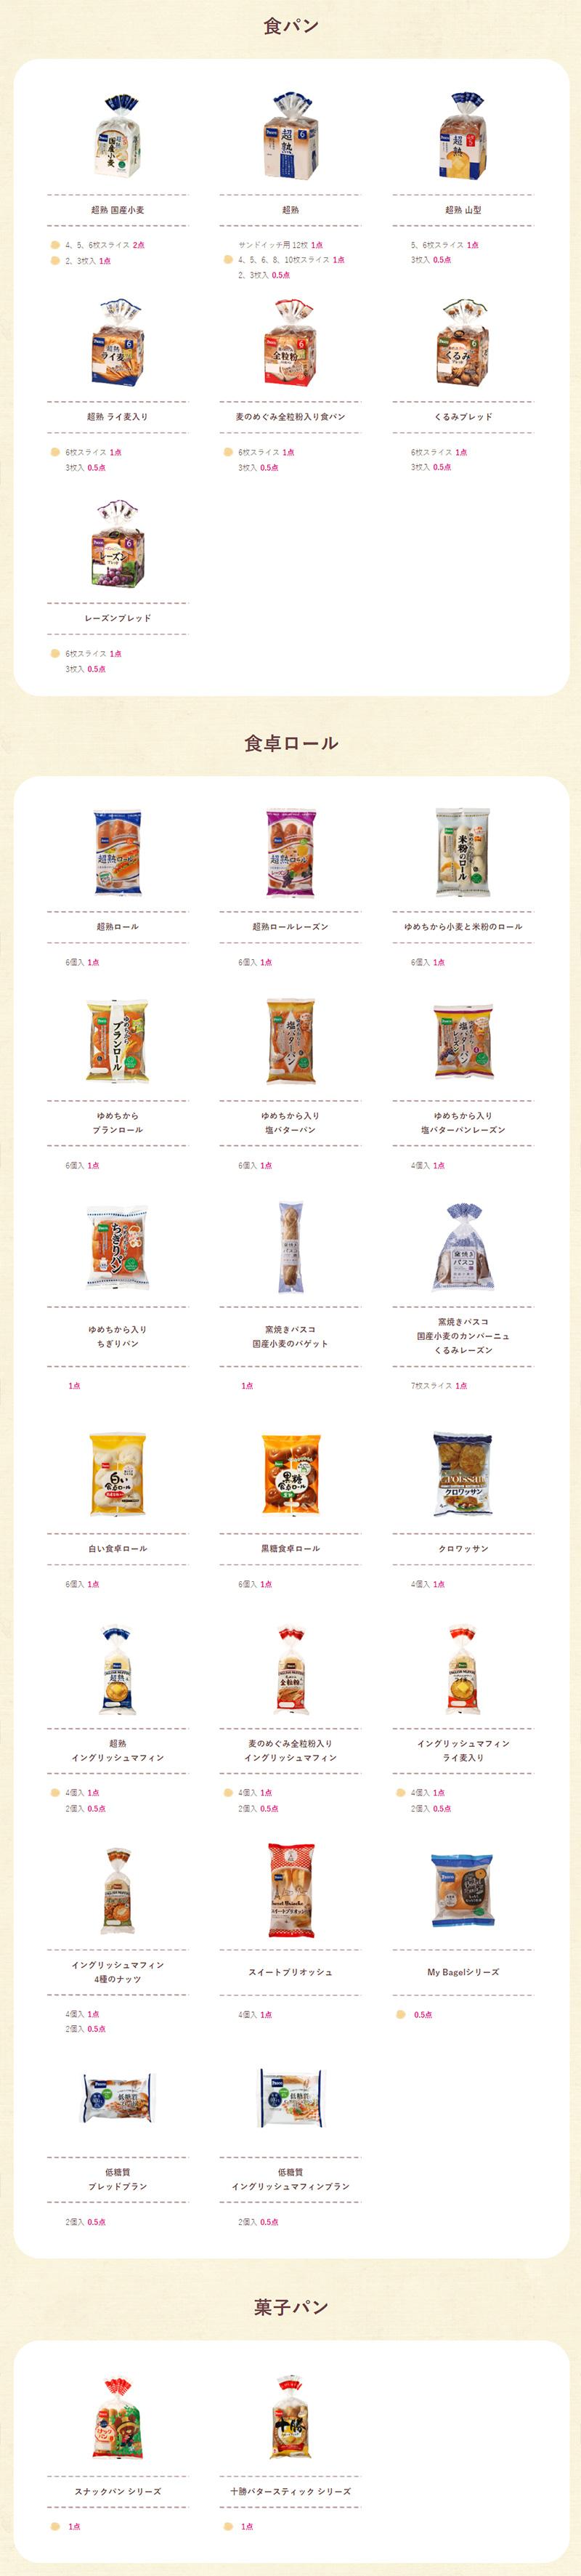 パスコ Pasco 超熟 懸賞キャンペーン2018春 対象商品